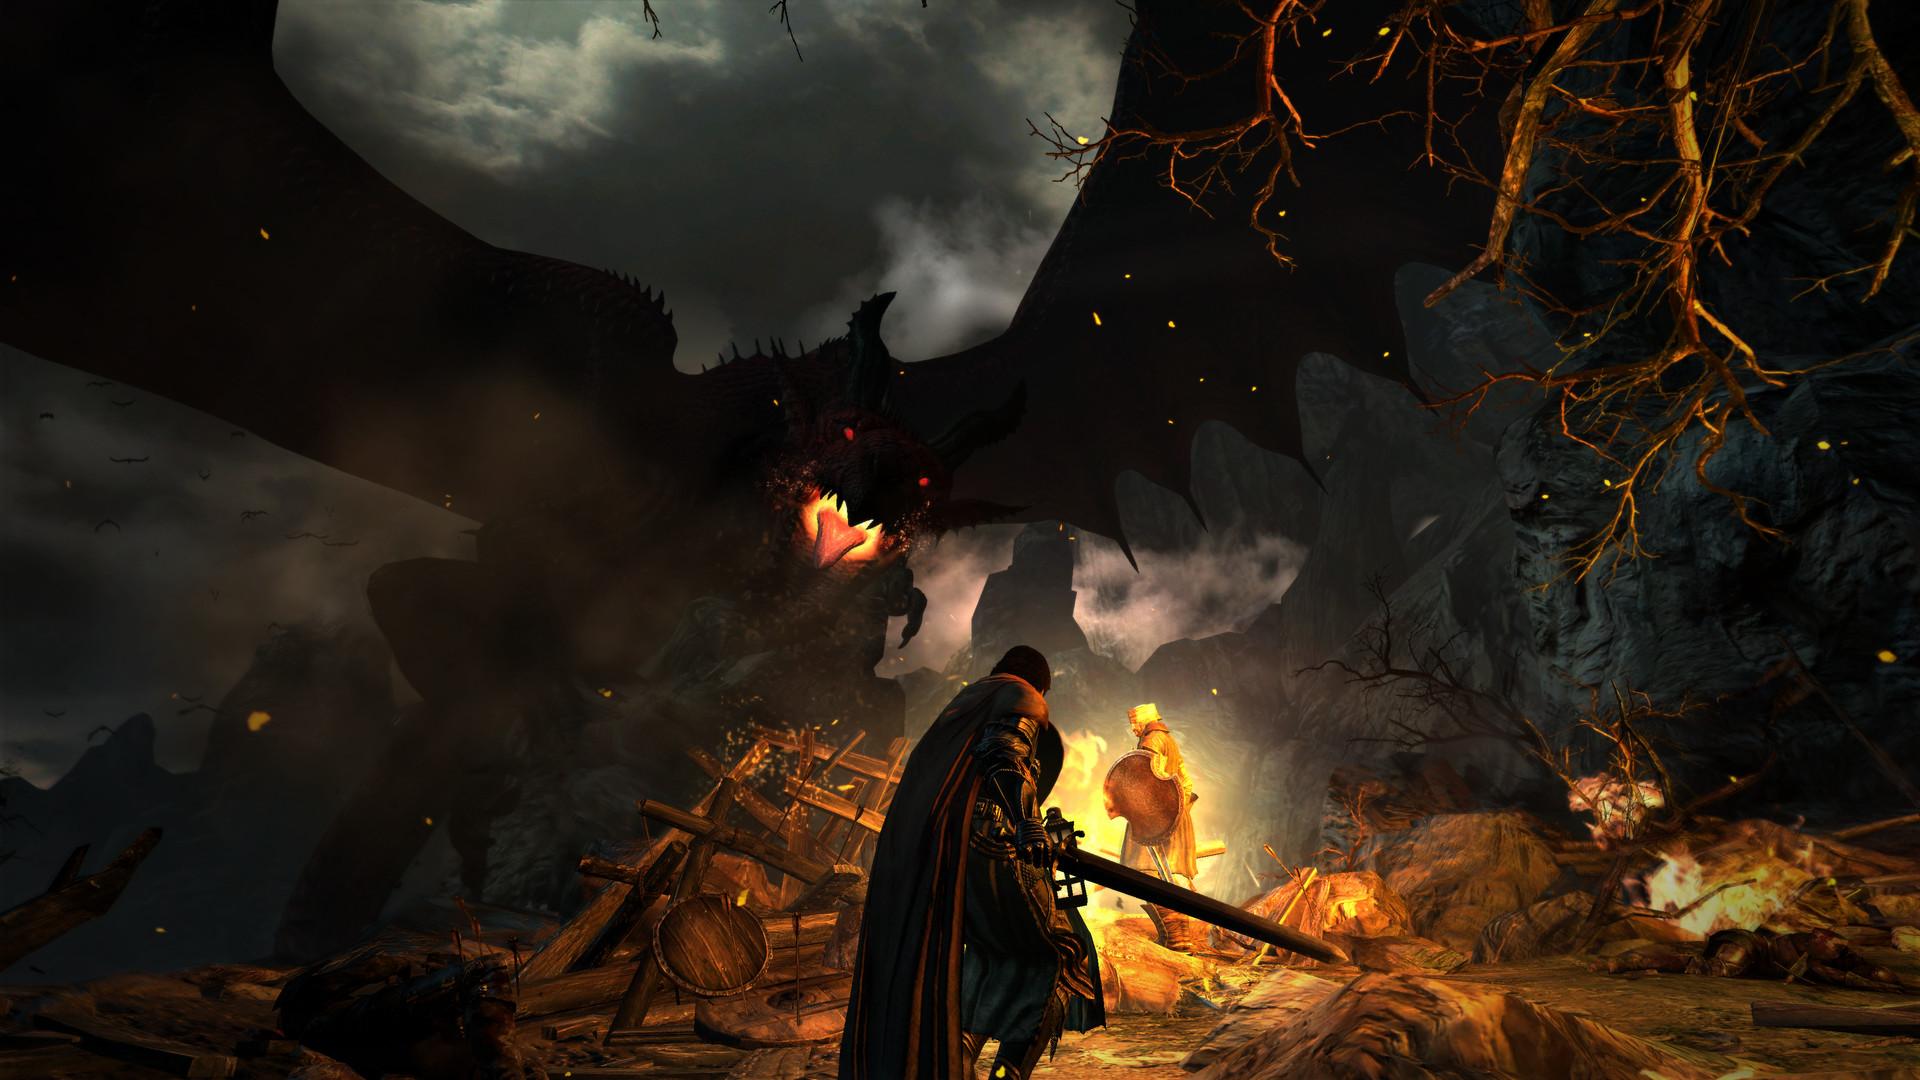 Скриншот Dragon's Dogma: Dark Arisen (Рабочий русский RePack) скачать торрентом